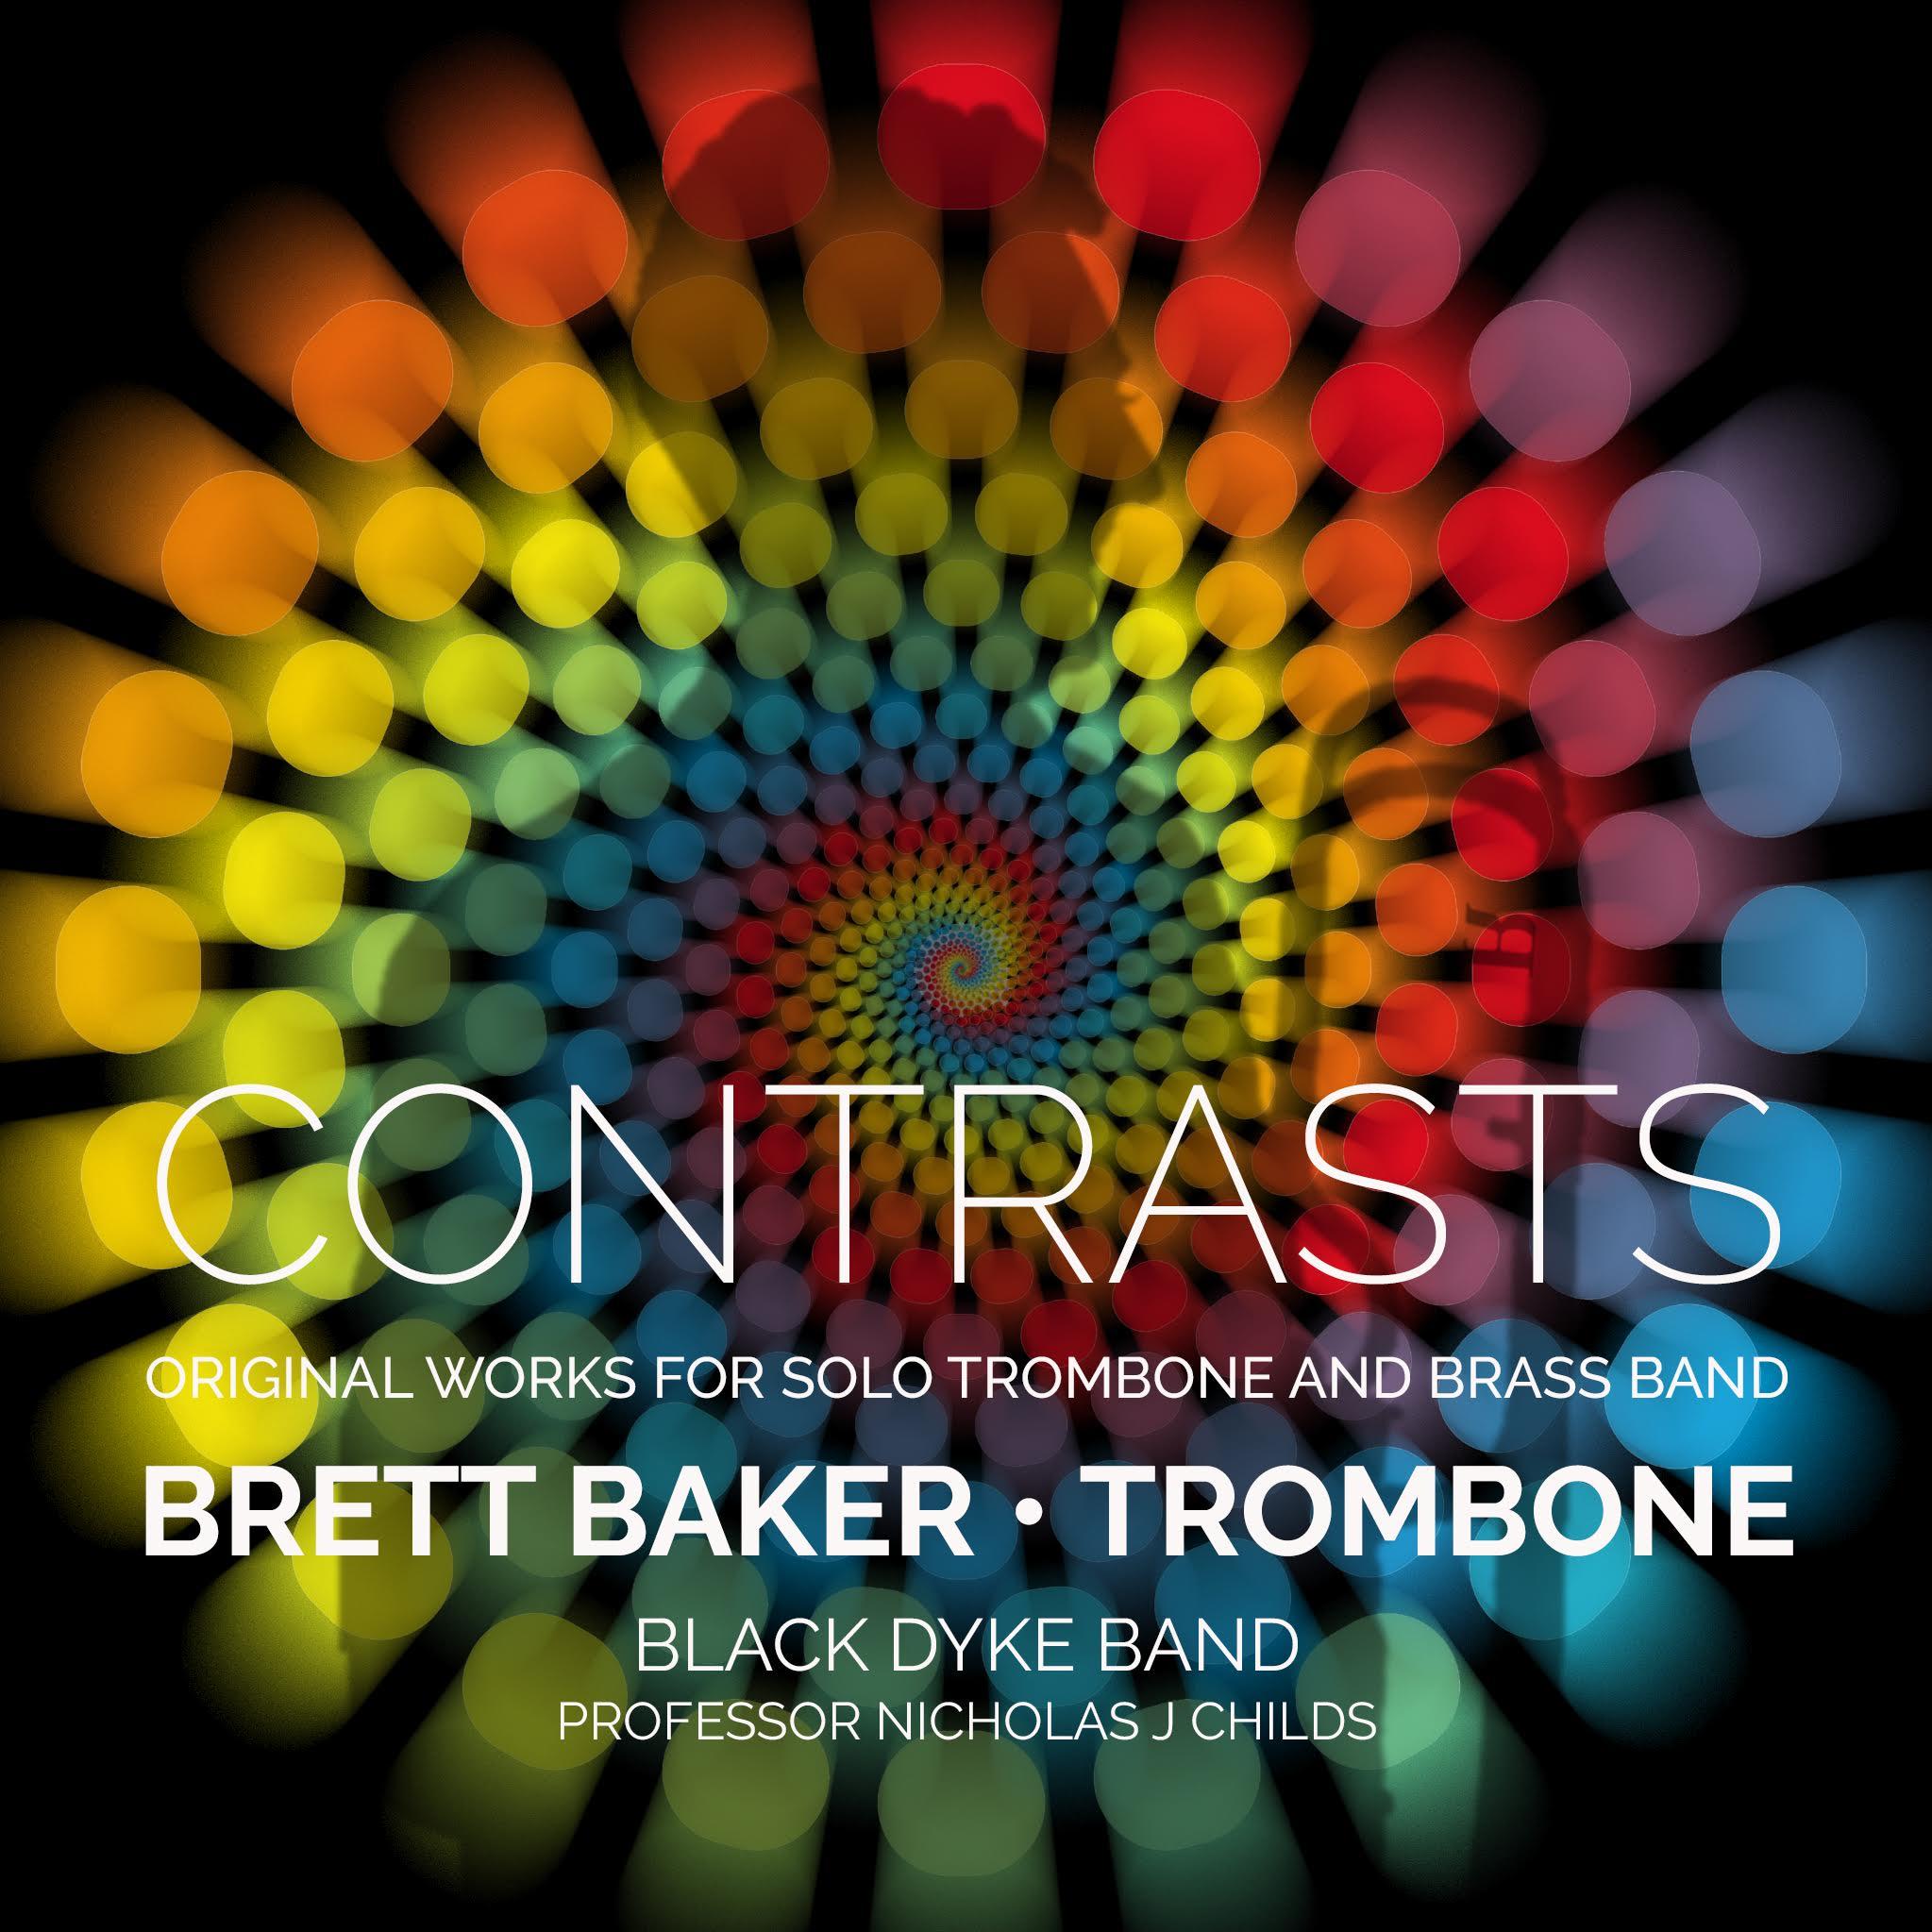 Contrasts Doyen CD Brett Baker (Trombone) Accompanied by the Black Dyke Band